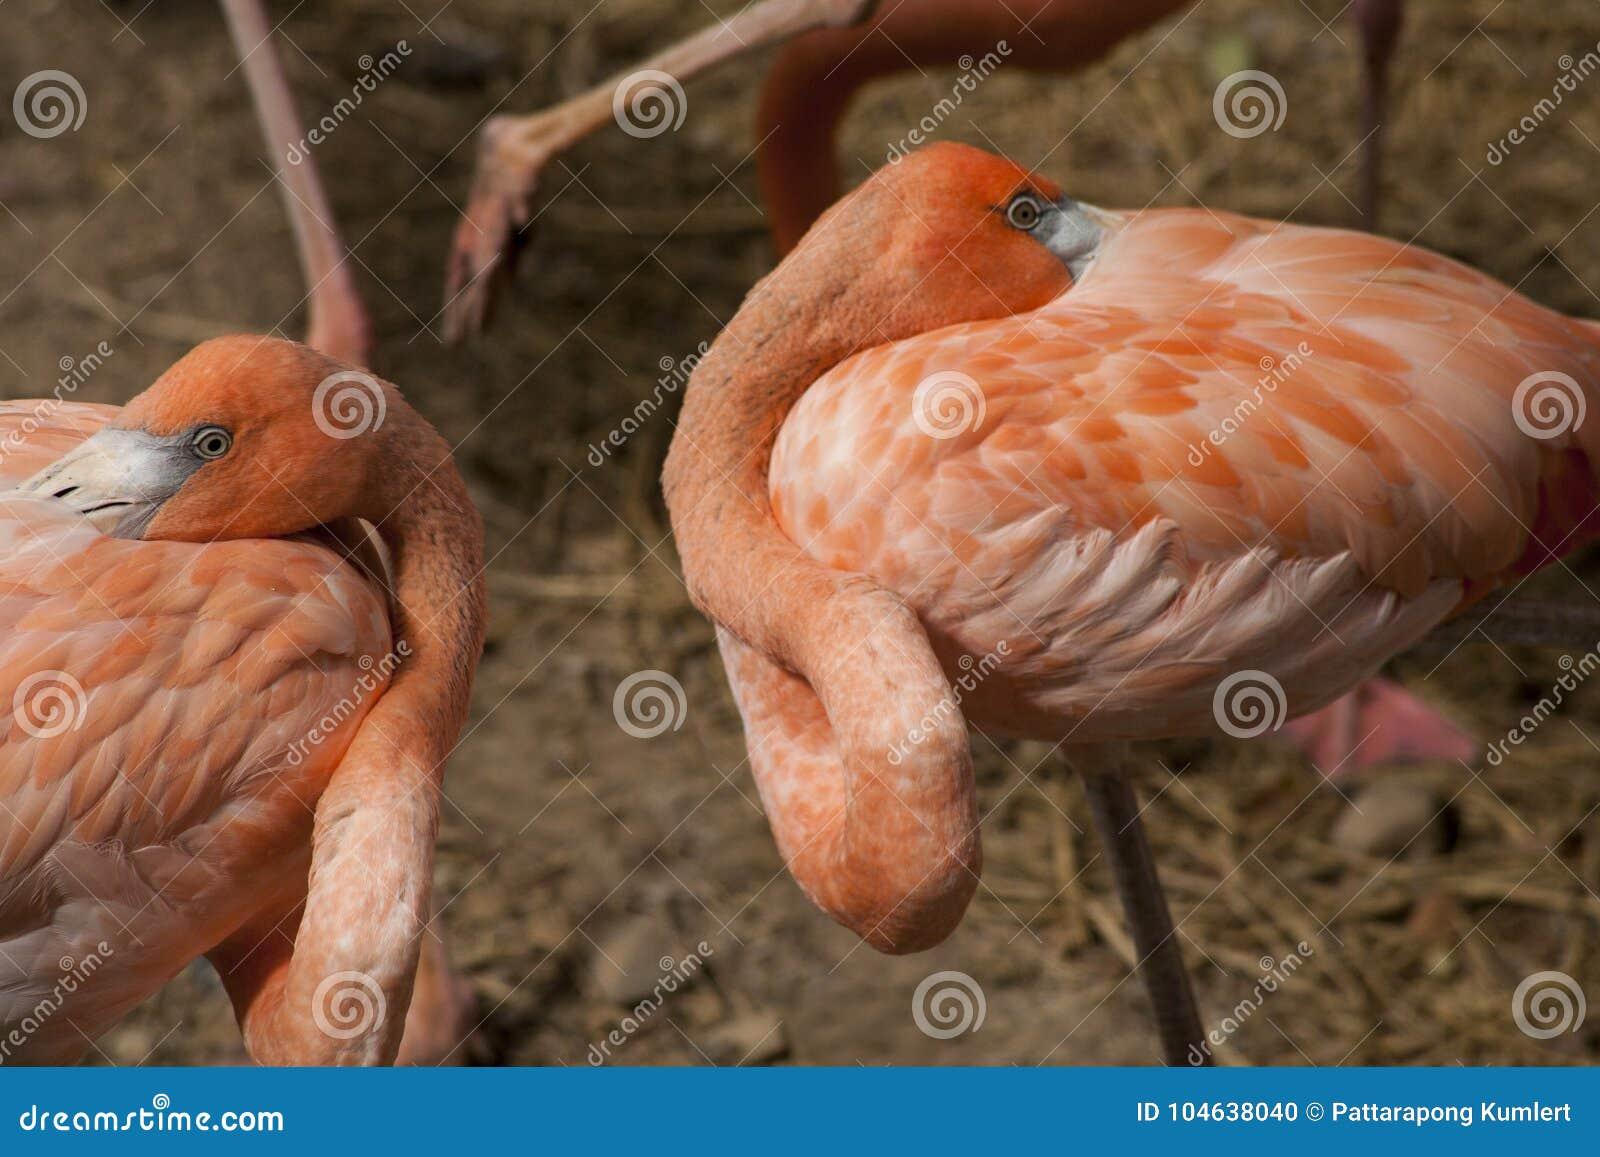 Download De Amerikaanse Flamingo's/de Amerikaanse Flamingo's Phoenicopterus Ruber Zijn Grote Species Van Flamingo Stock Foto - Afbeelding bestaande uit vogel, caraïbisch: 104638040